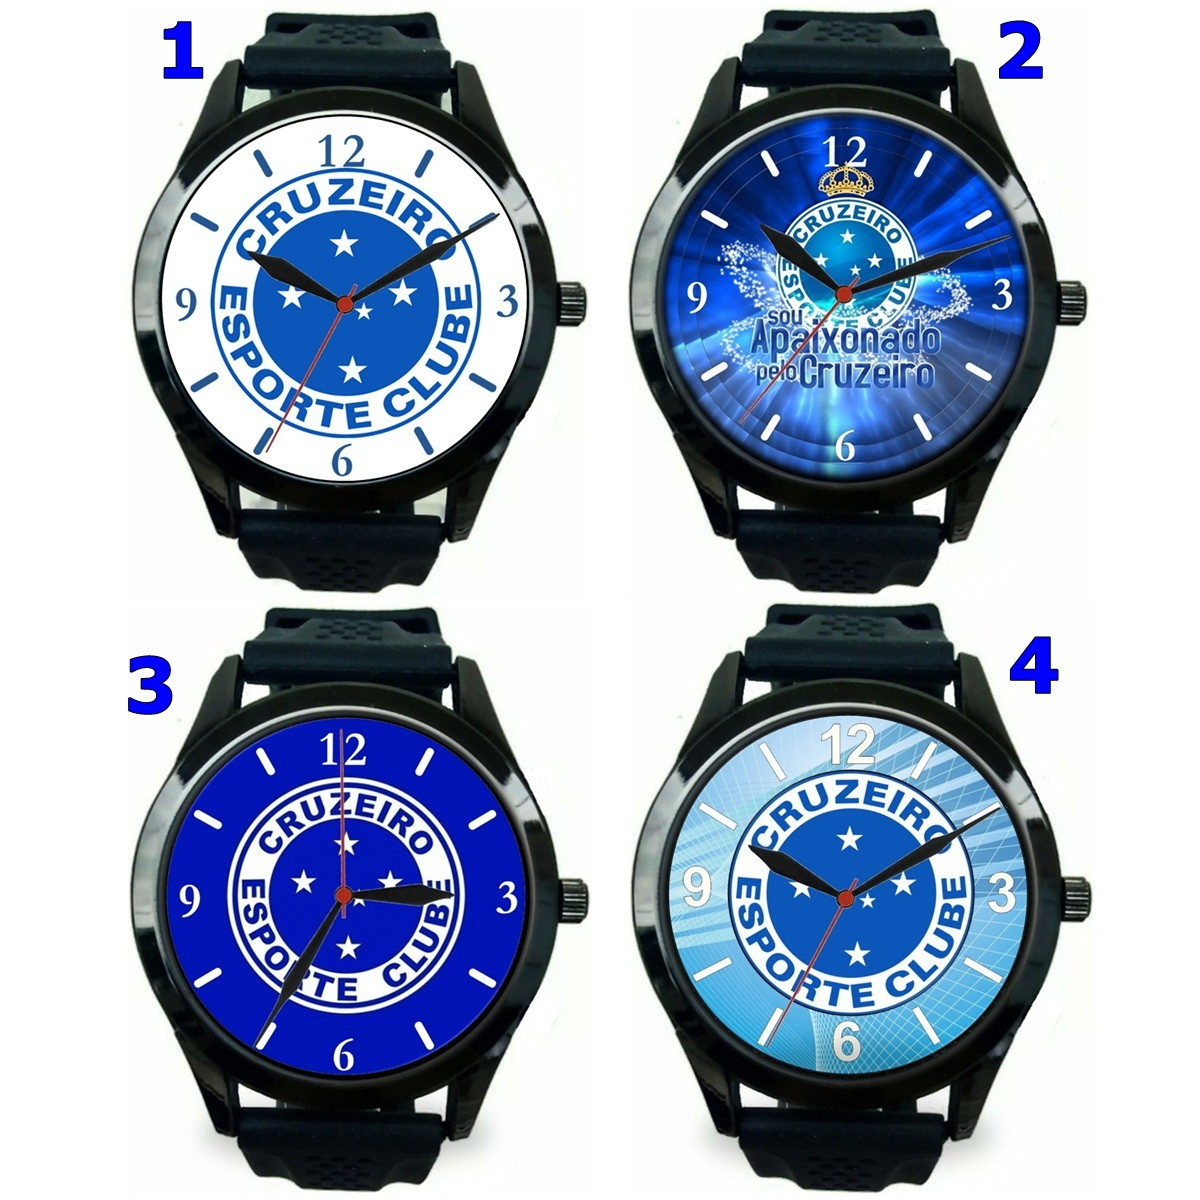 ccf036fc733 1 Cubo Time Cruzeiro